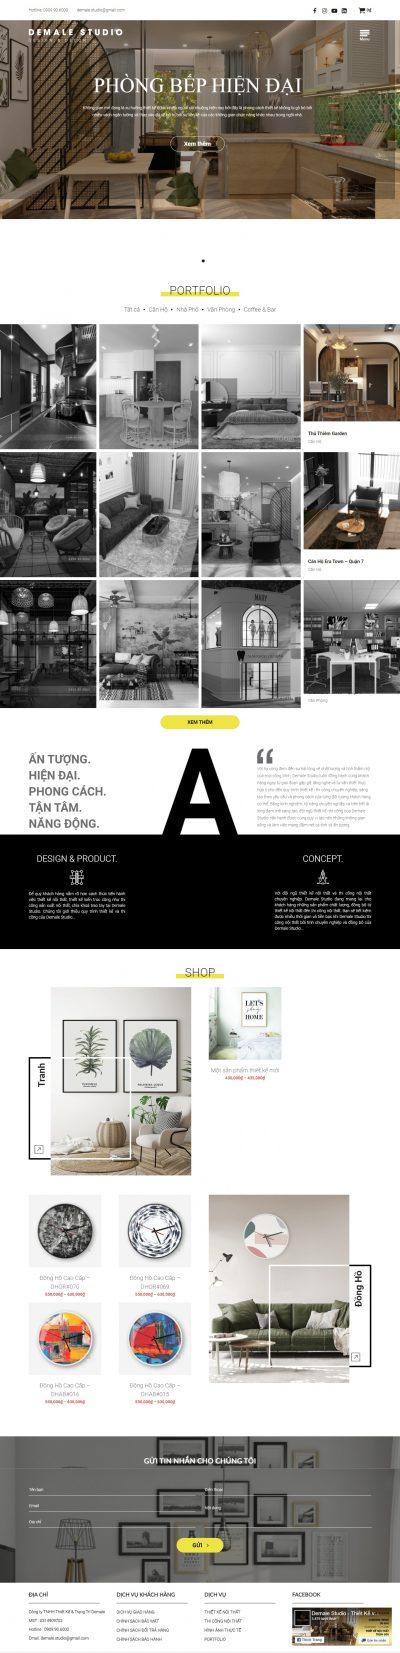 Demale Studio – Thiết kế, thi công nội thất